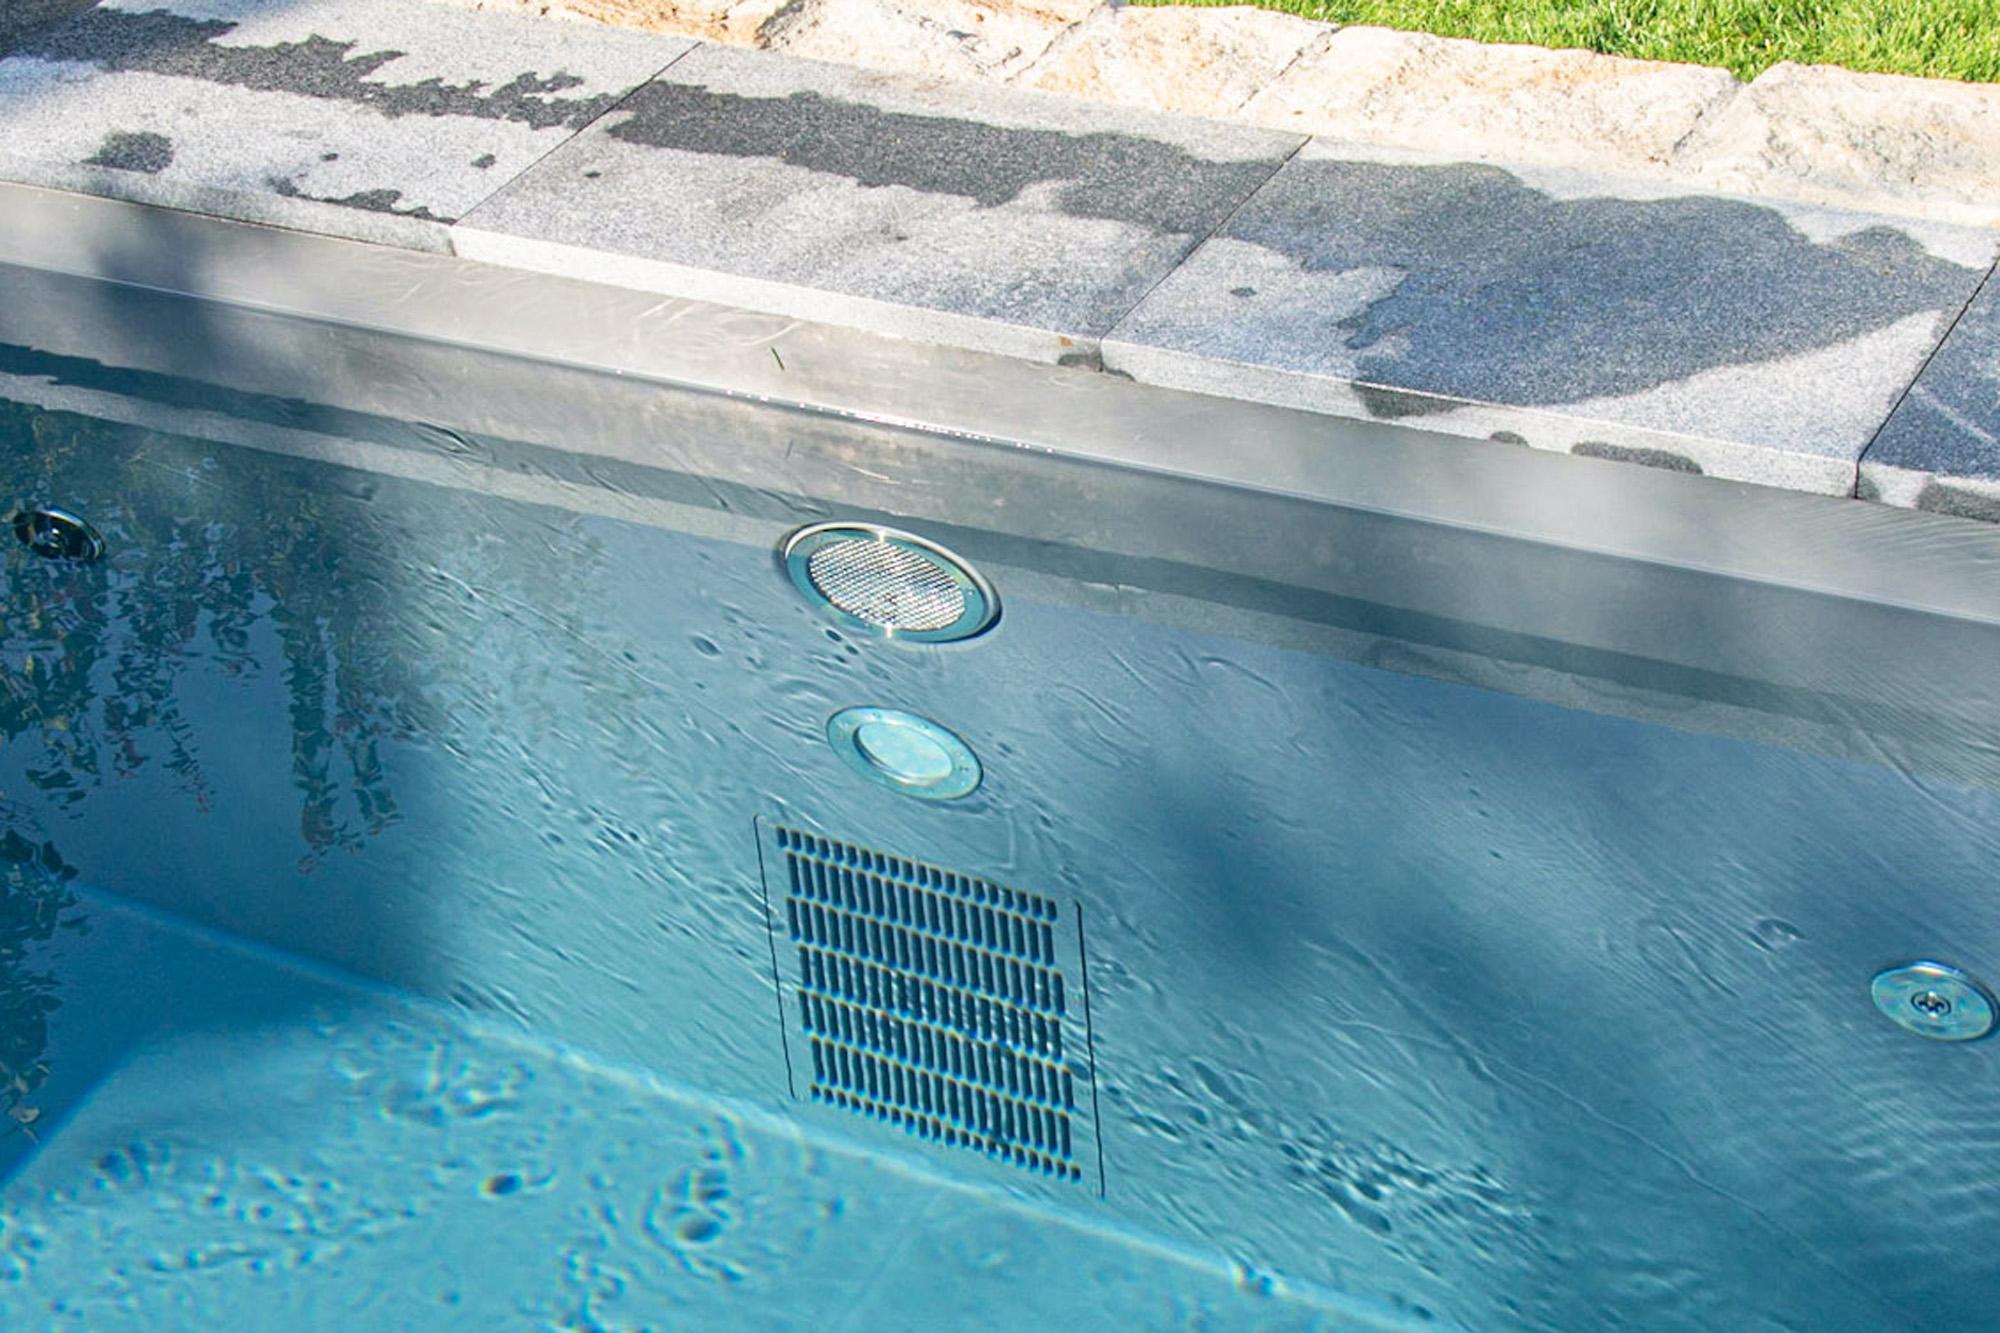 Veltmann BGA 160 Gegenschwimmanlage im eisengrauen Gartenbad